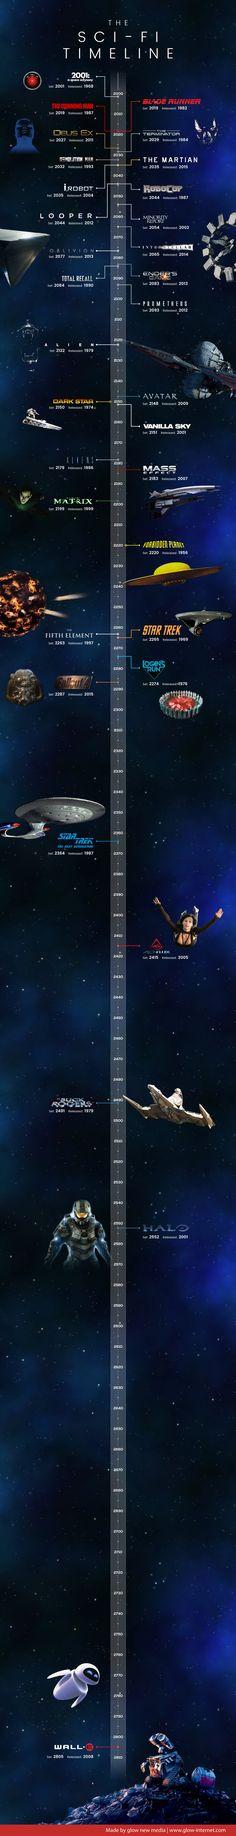 sci-fi-timeline.jpg